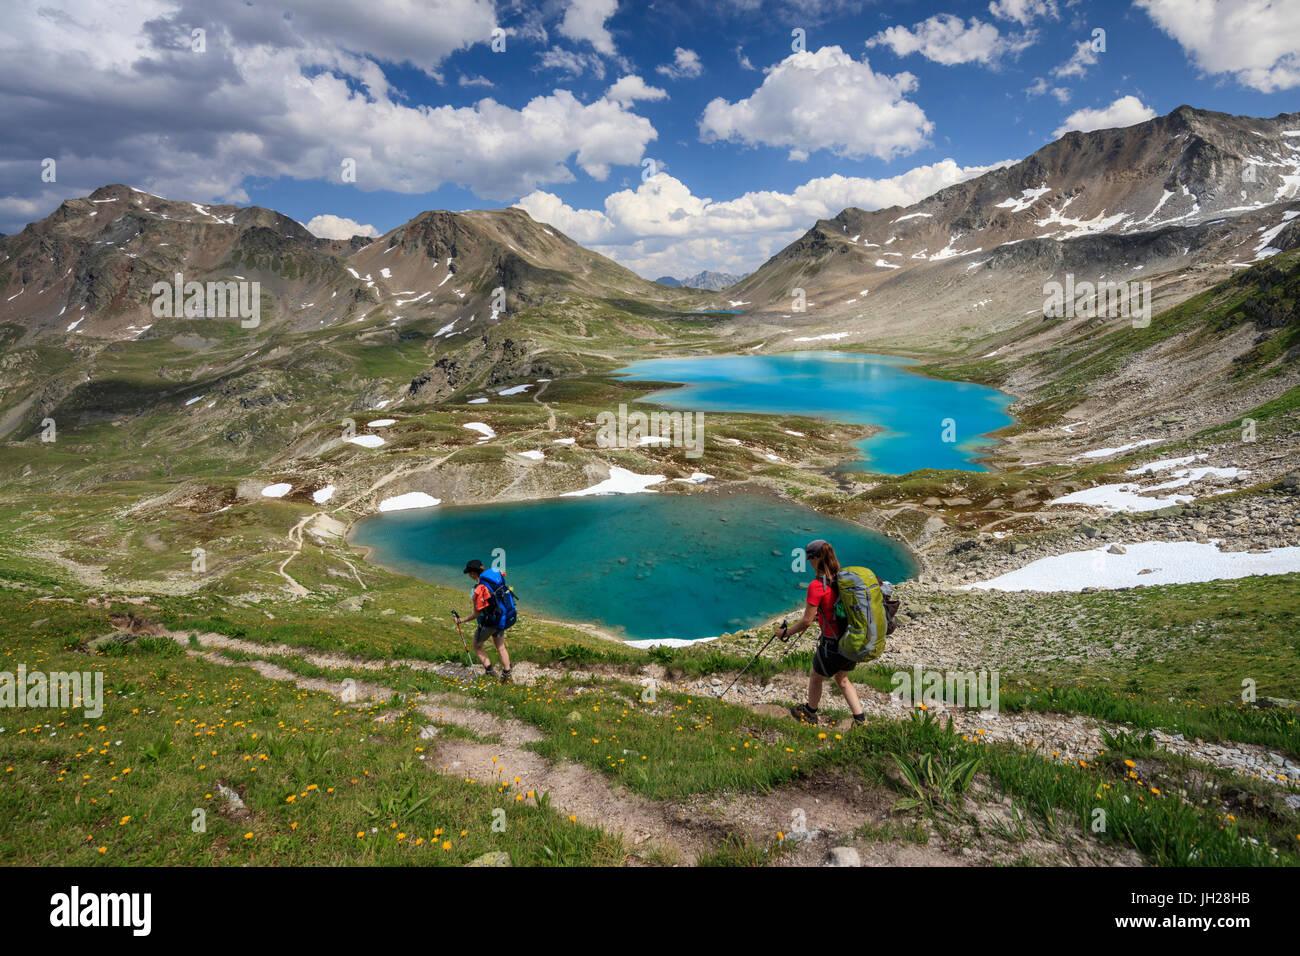 Les randonneurs passent le lac turquoise et pics rocheux, Joriseen Jorifless, Pass, canton des Grisons, Engadine, Banque D'Images